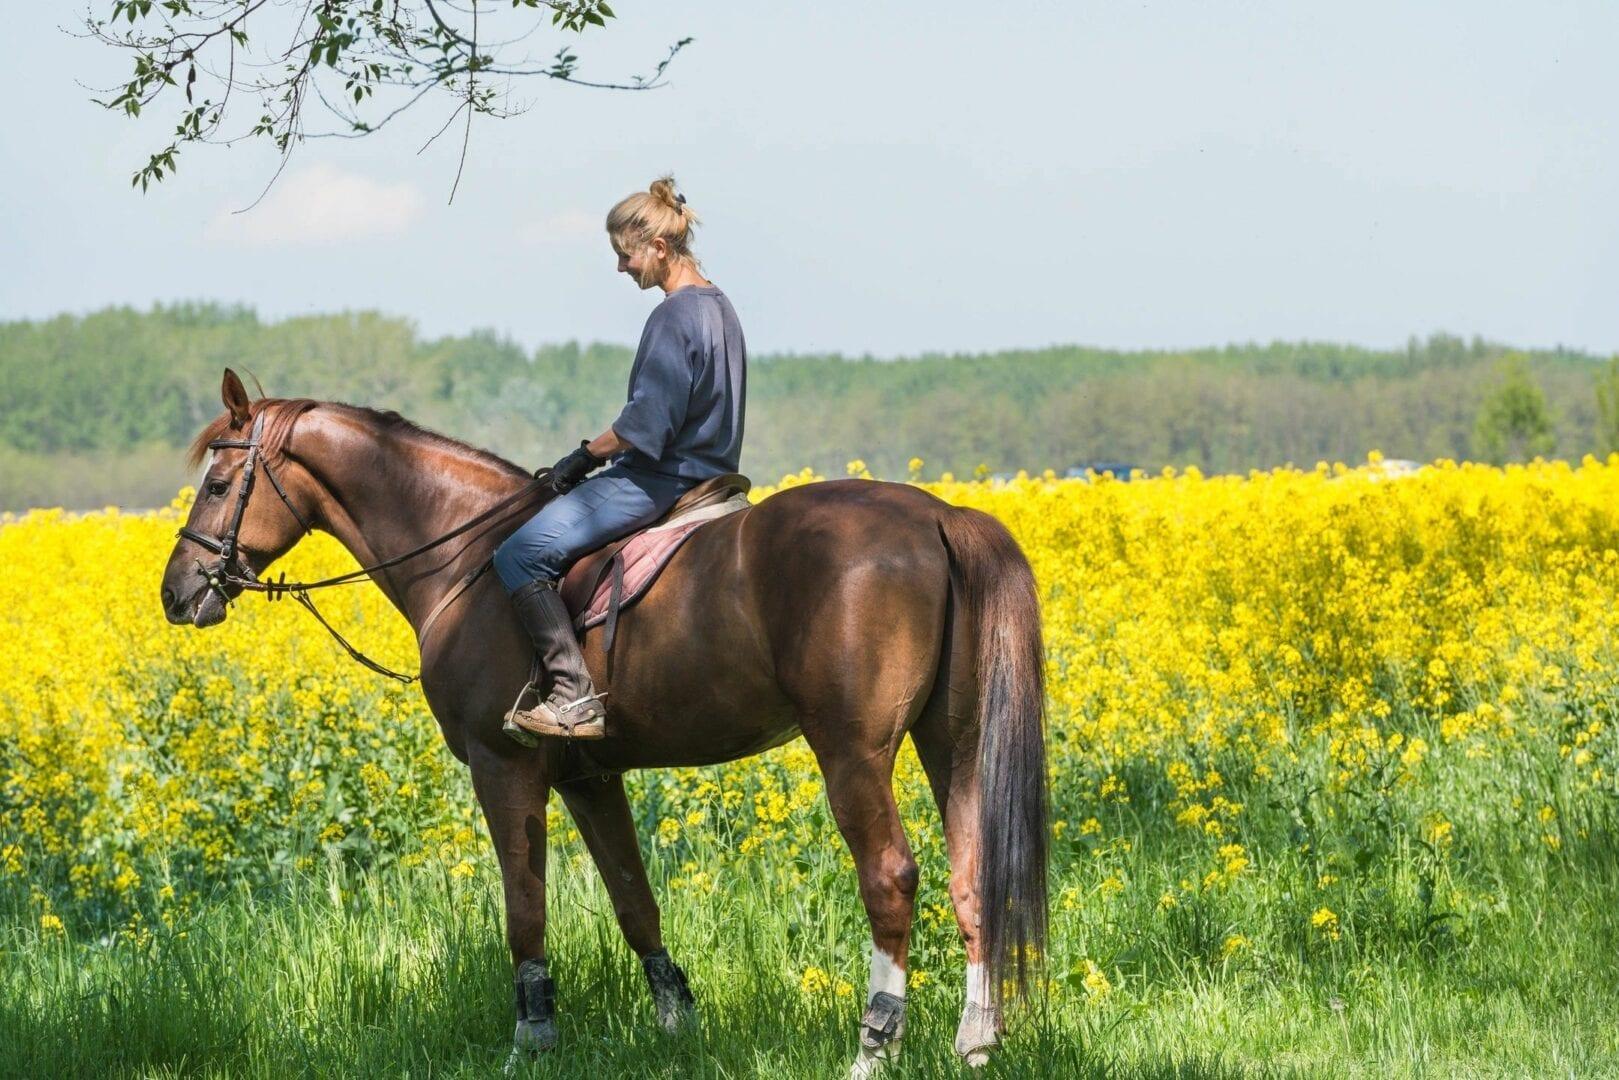 Woman riding horse in prairie field- PEMF Health Inc.